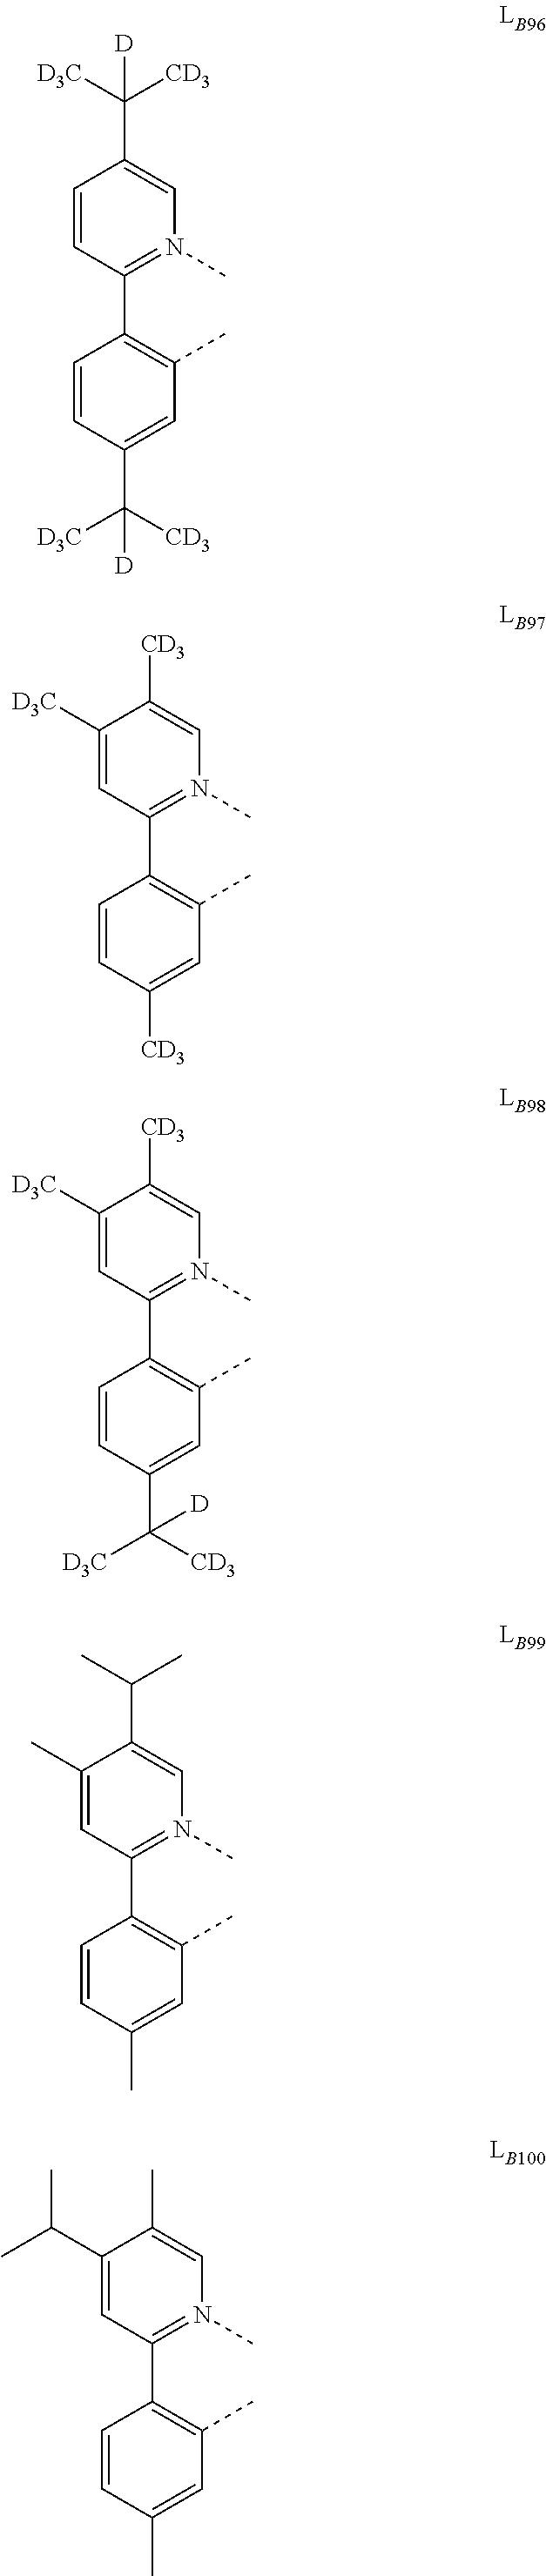 Figure US20180130962A1-20180510-C00084